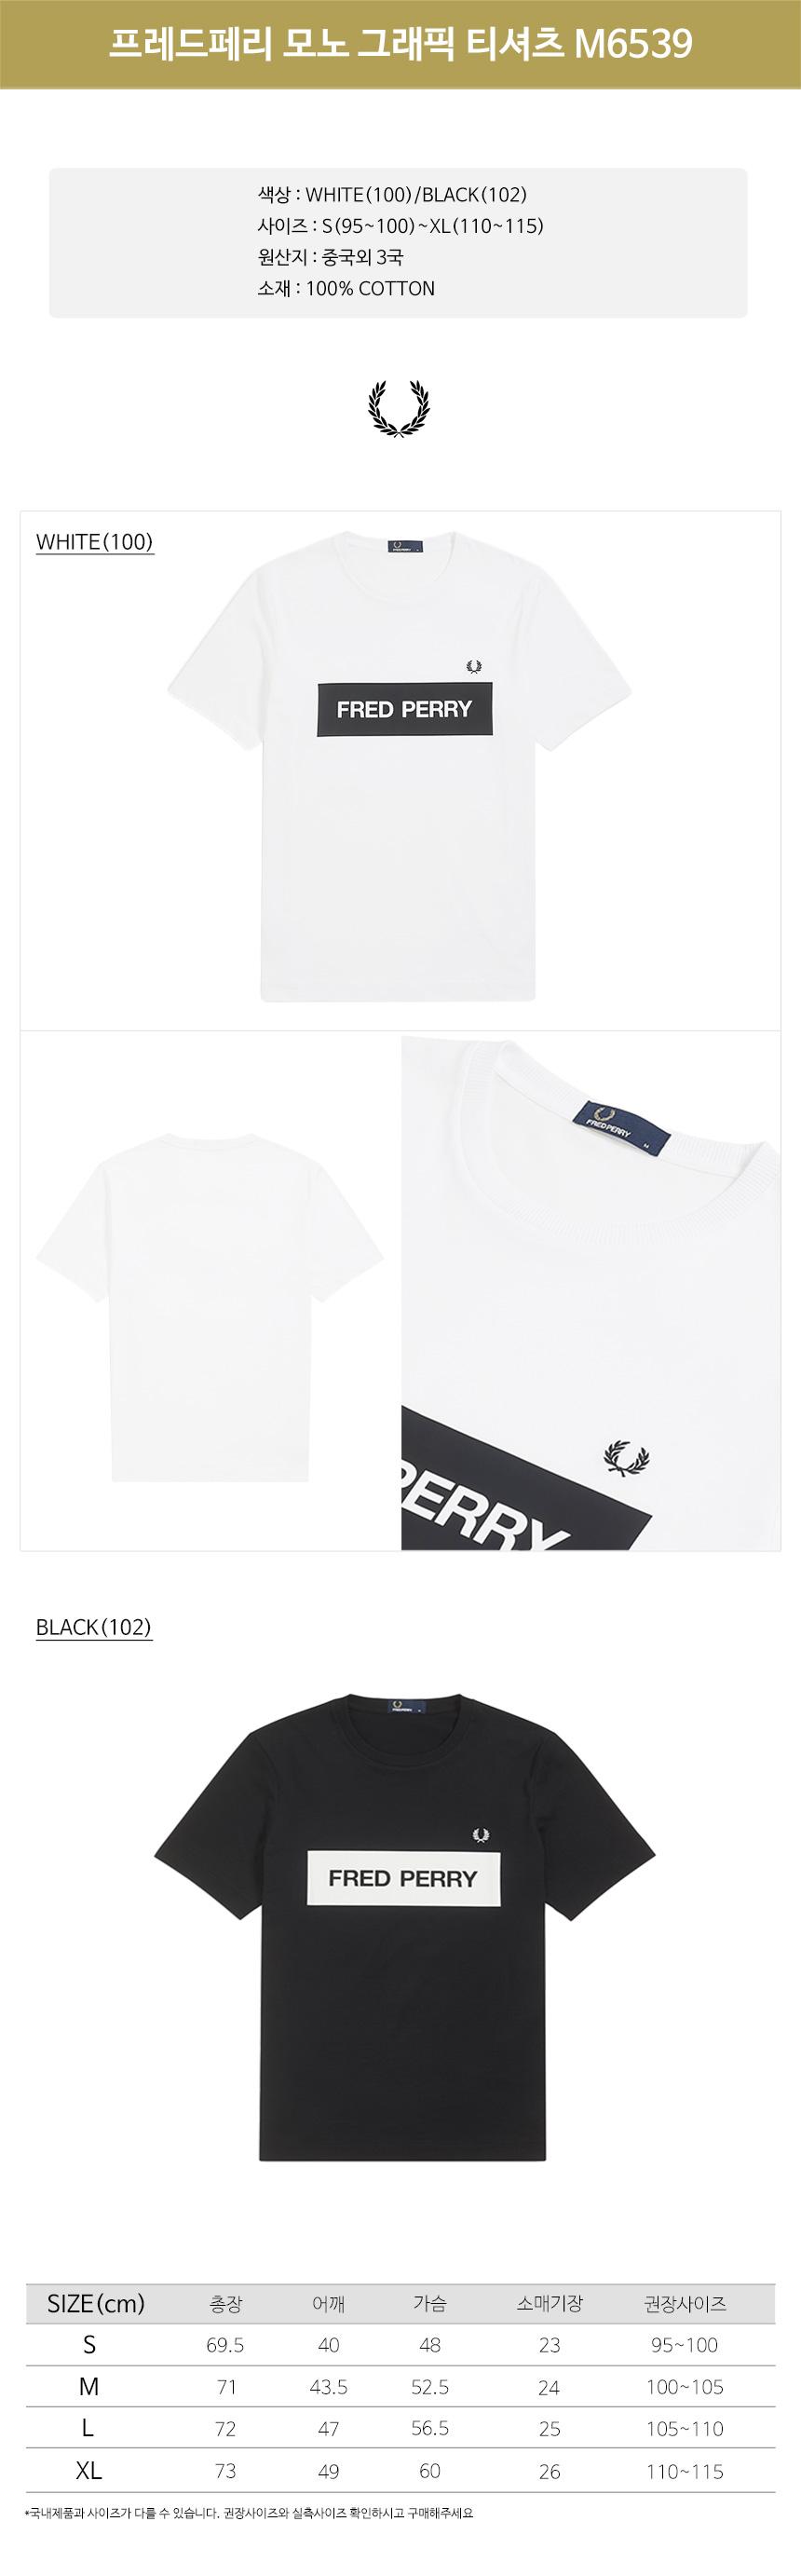 프레드페리(FRED PERRY) 모노 그래픽 티셔츠 M6539